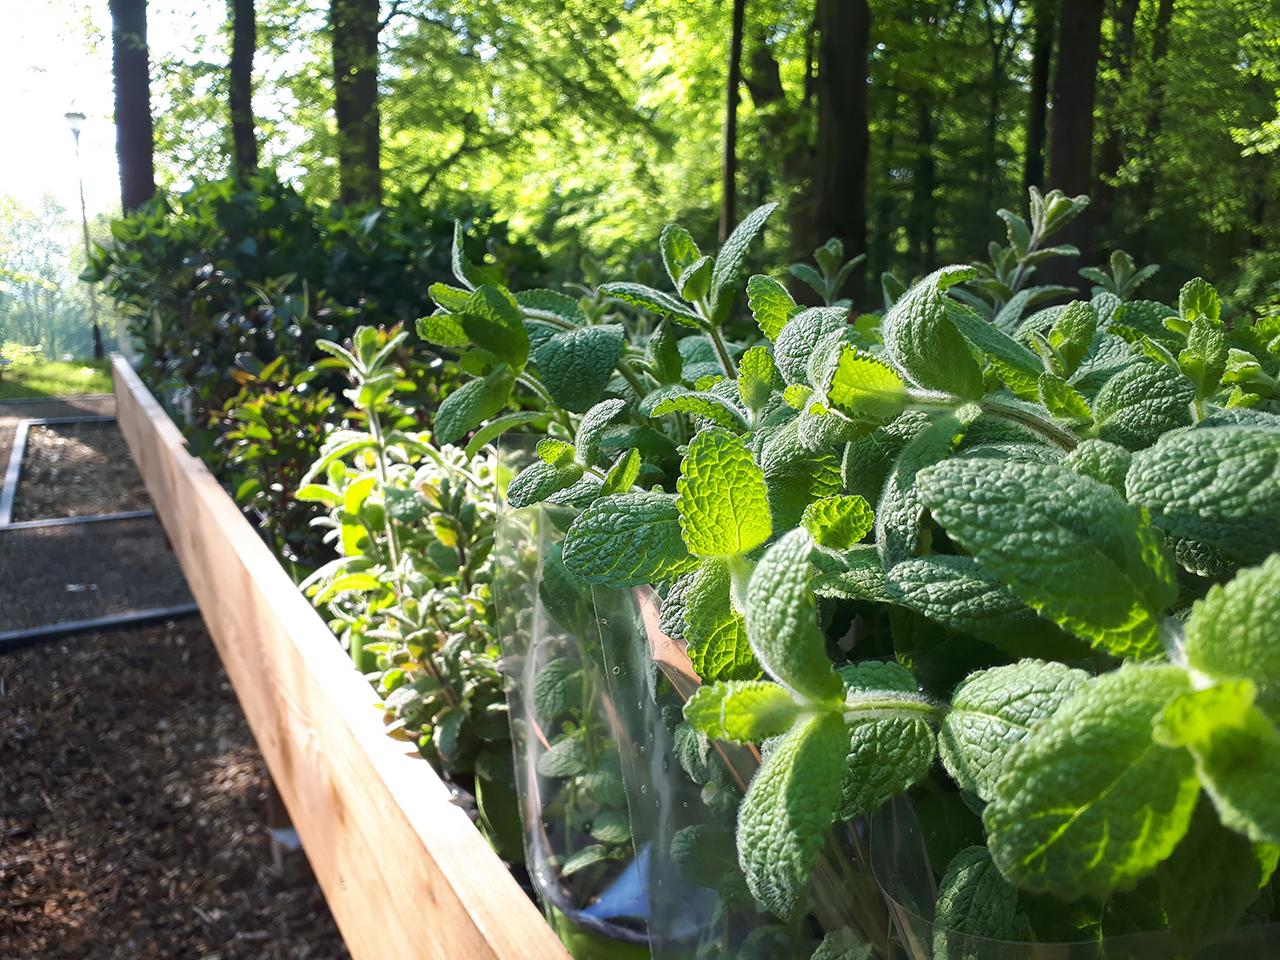 Zdjęcie przedstawiające zielone zioła w doniczkach